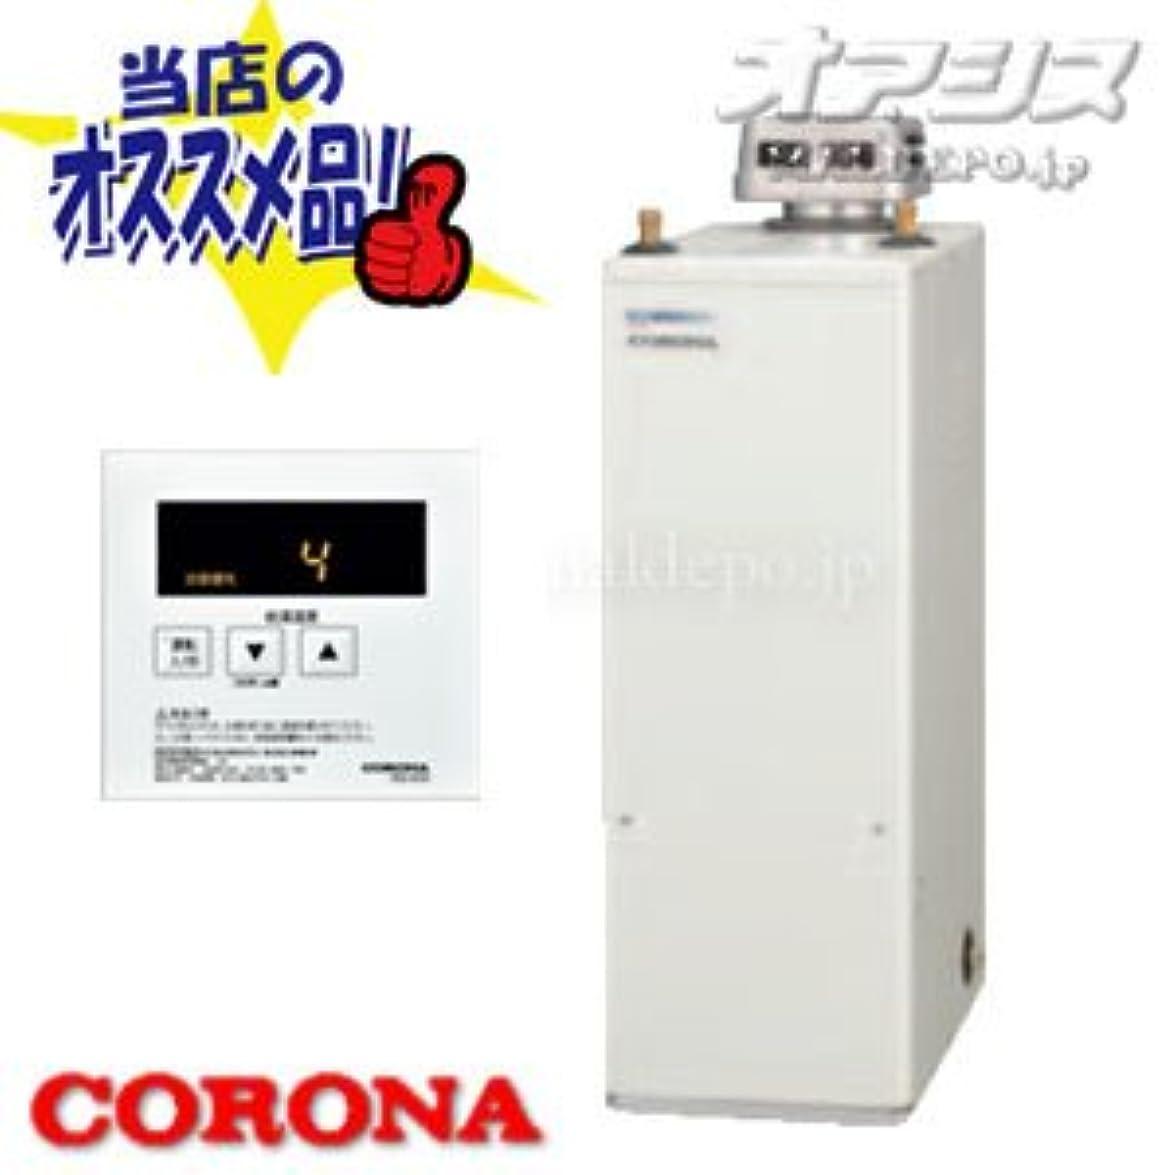 プレゼンテーションスローガンスピーカー石油給湯器 給湯専用貯湯式ボイラー 減圧?圧力逃がし弁内蔵 屋外設置/無煙突型 UIB-NX37R(AD) リモコン付